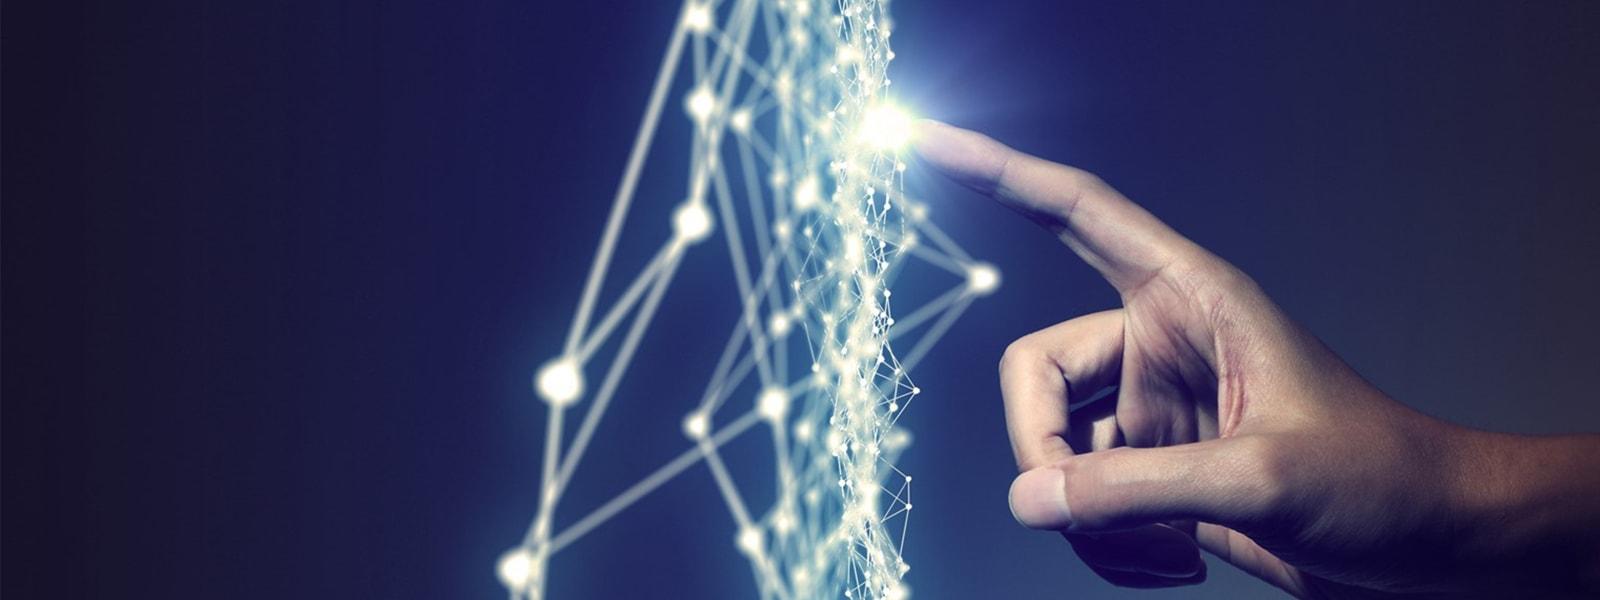 Der Zeigefinger einer Hand berührt einen Punkt auf einem schwebendem Netz aus leuchtenden Punkten